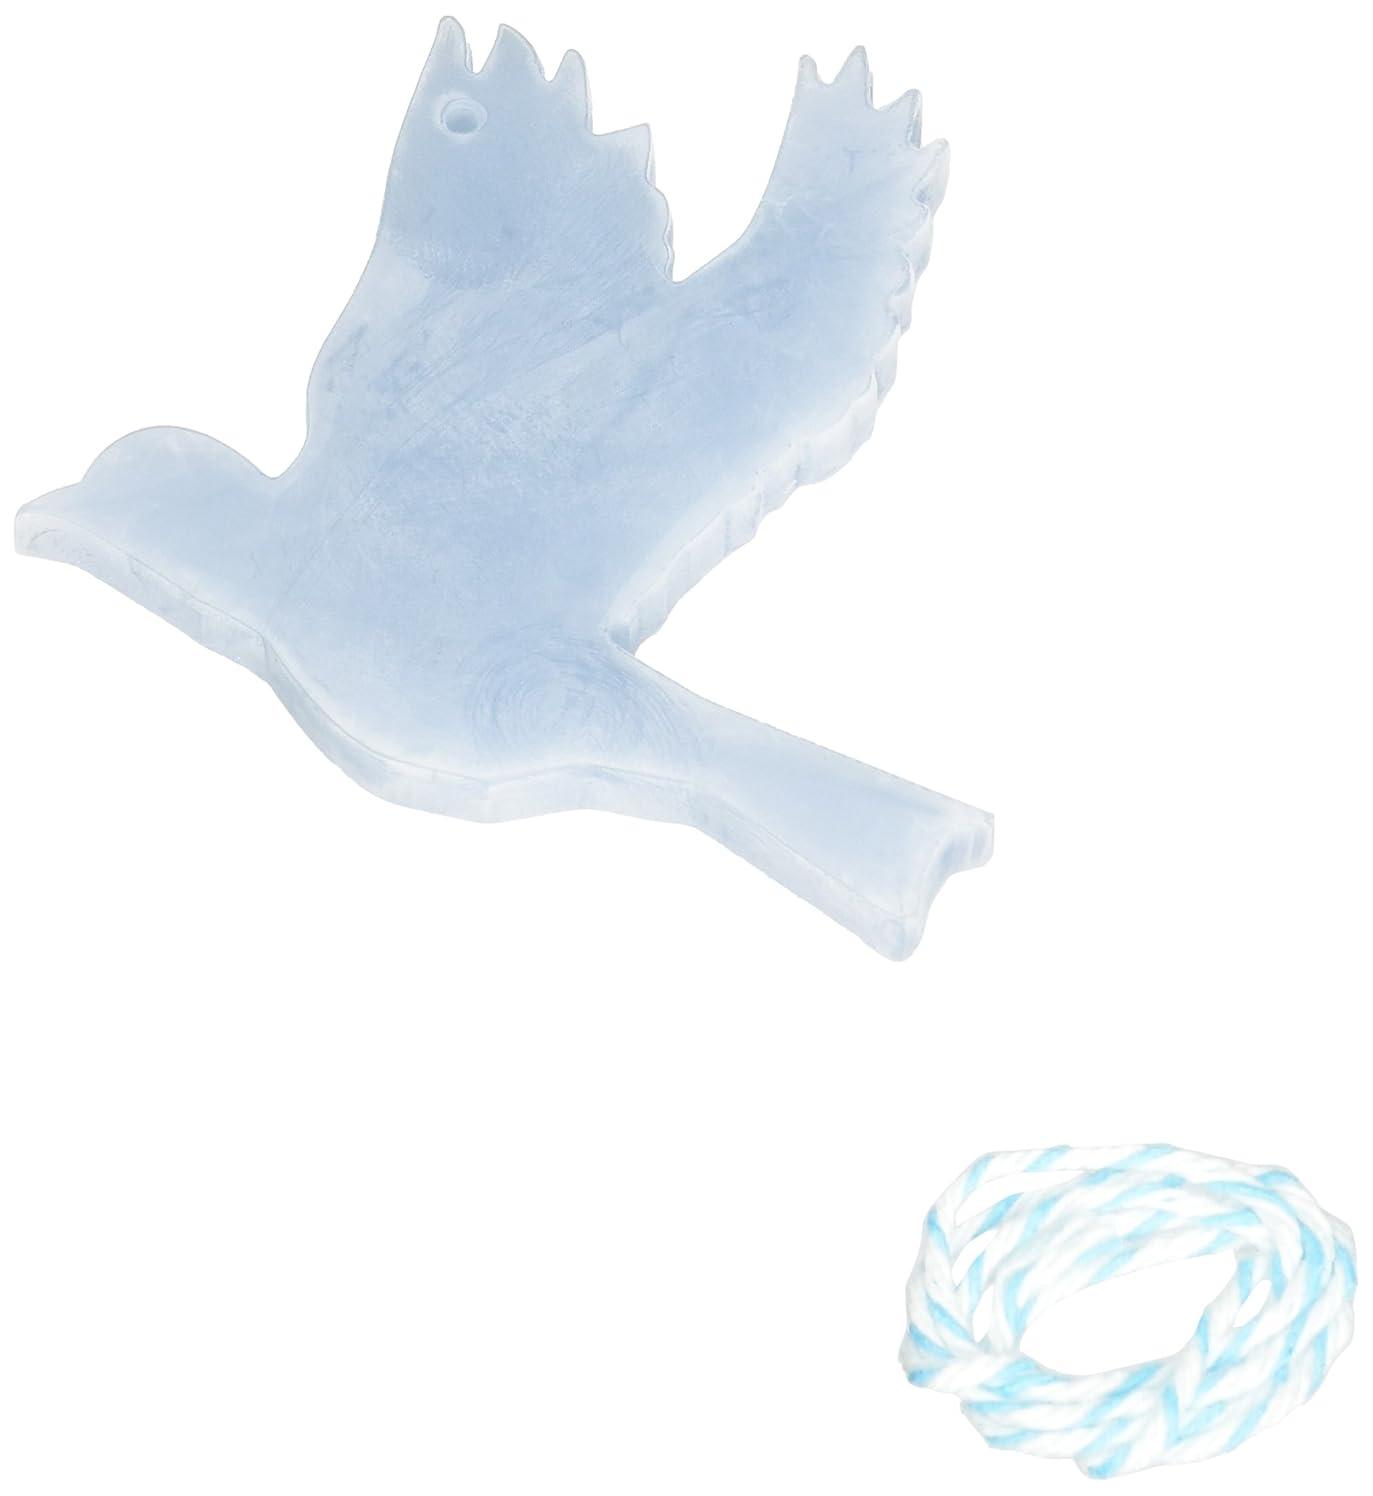 依存する化合物ひもGRASSE TOKYO AROMATICWAXチャーム「ハト」(BL) ローズマリー アロマティックワックス グラーストウキョウ